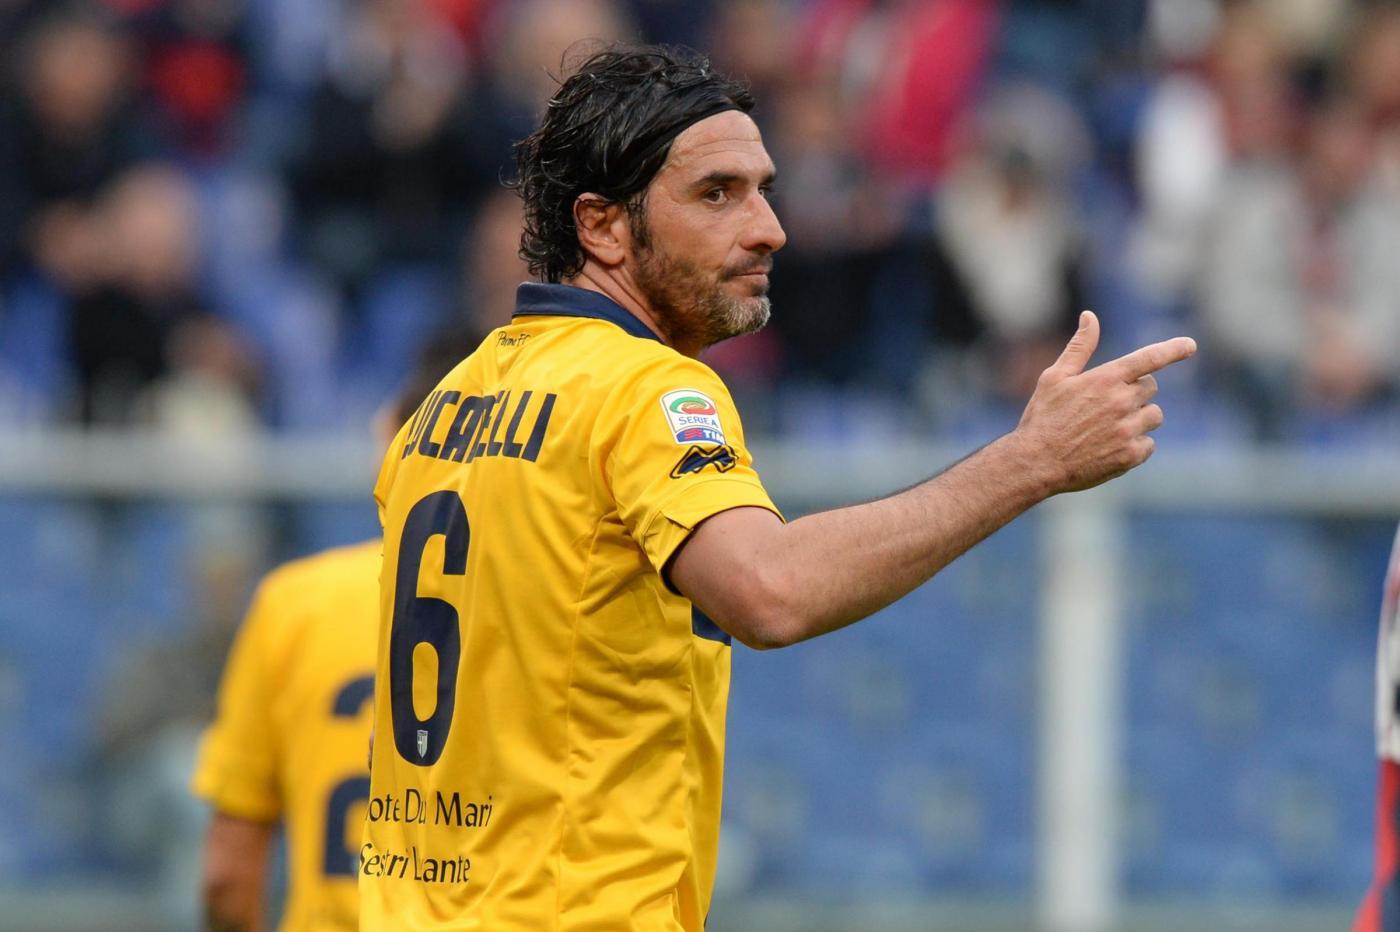 """Parma in crisi, Lucarelli si rivolge ai tifosi: """"Ecco perchè non sono venuto sotto la curva"""""""